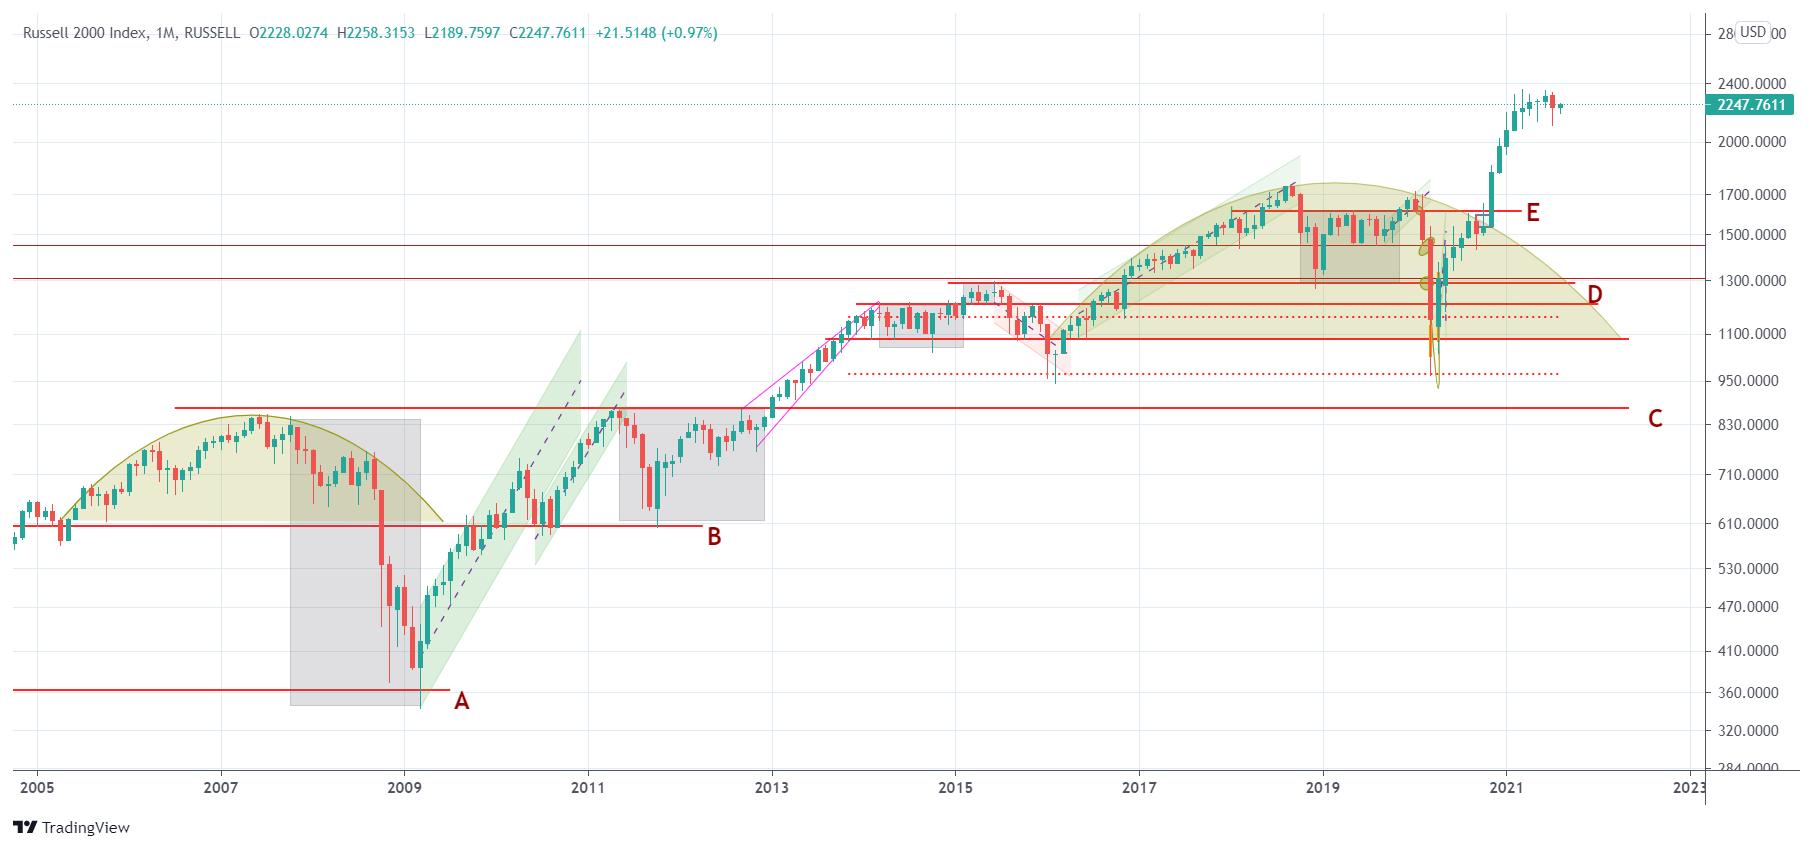 stock market forecast indicator 2021